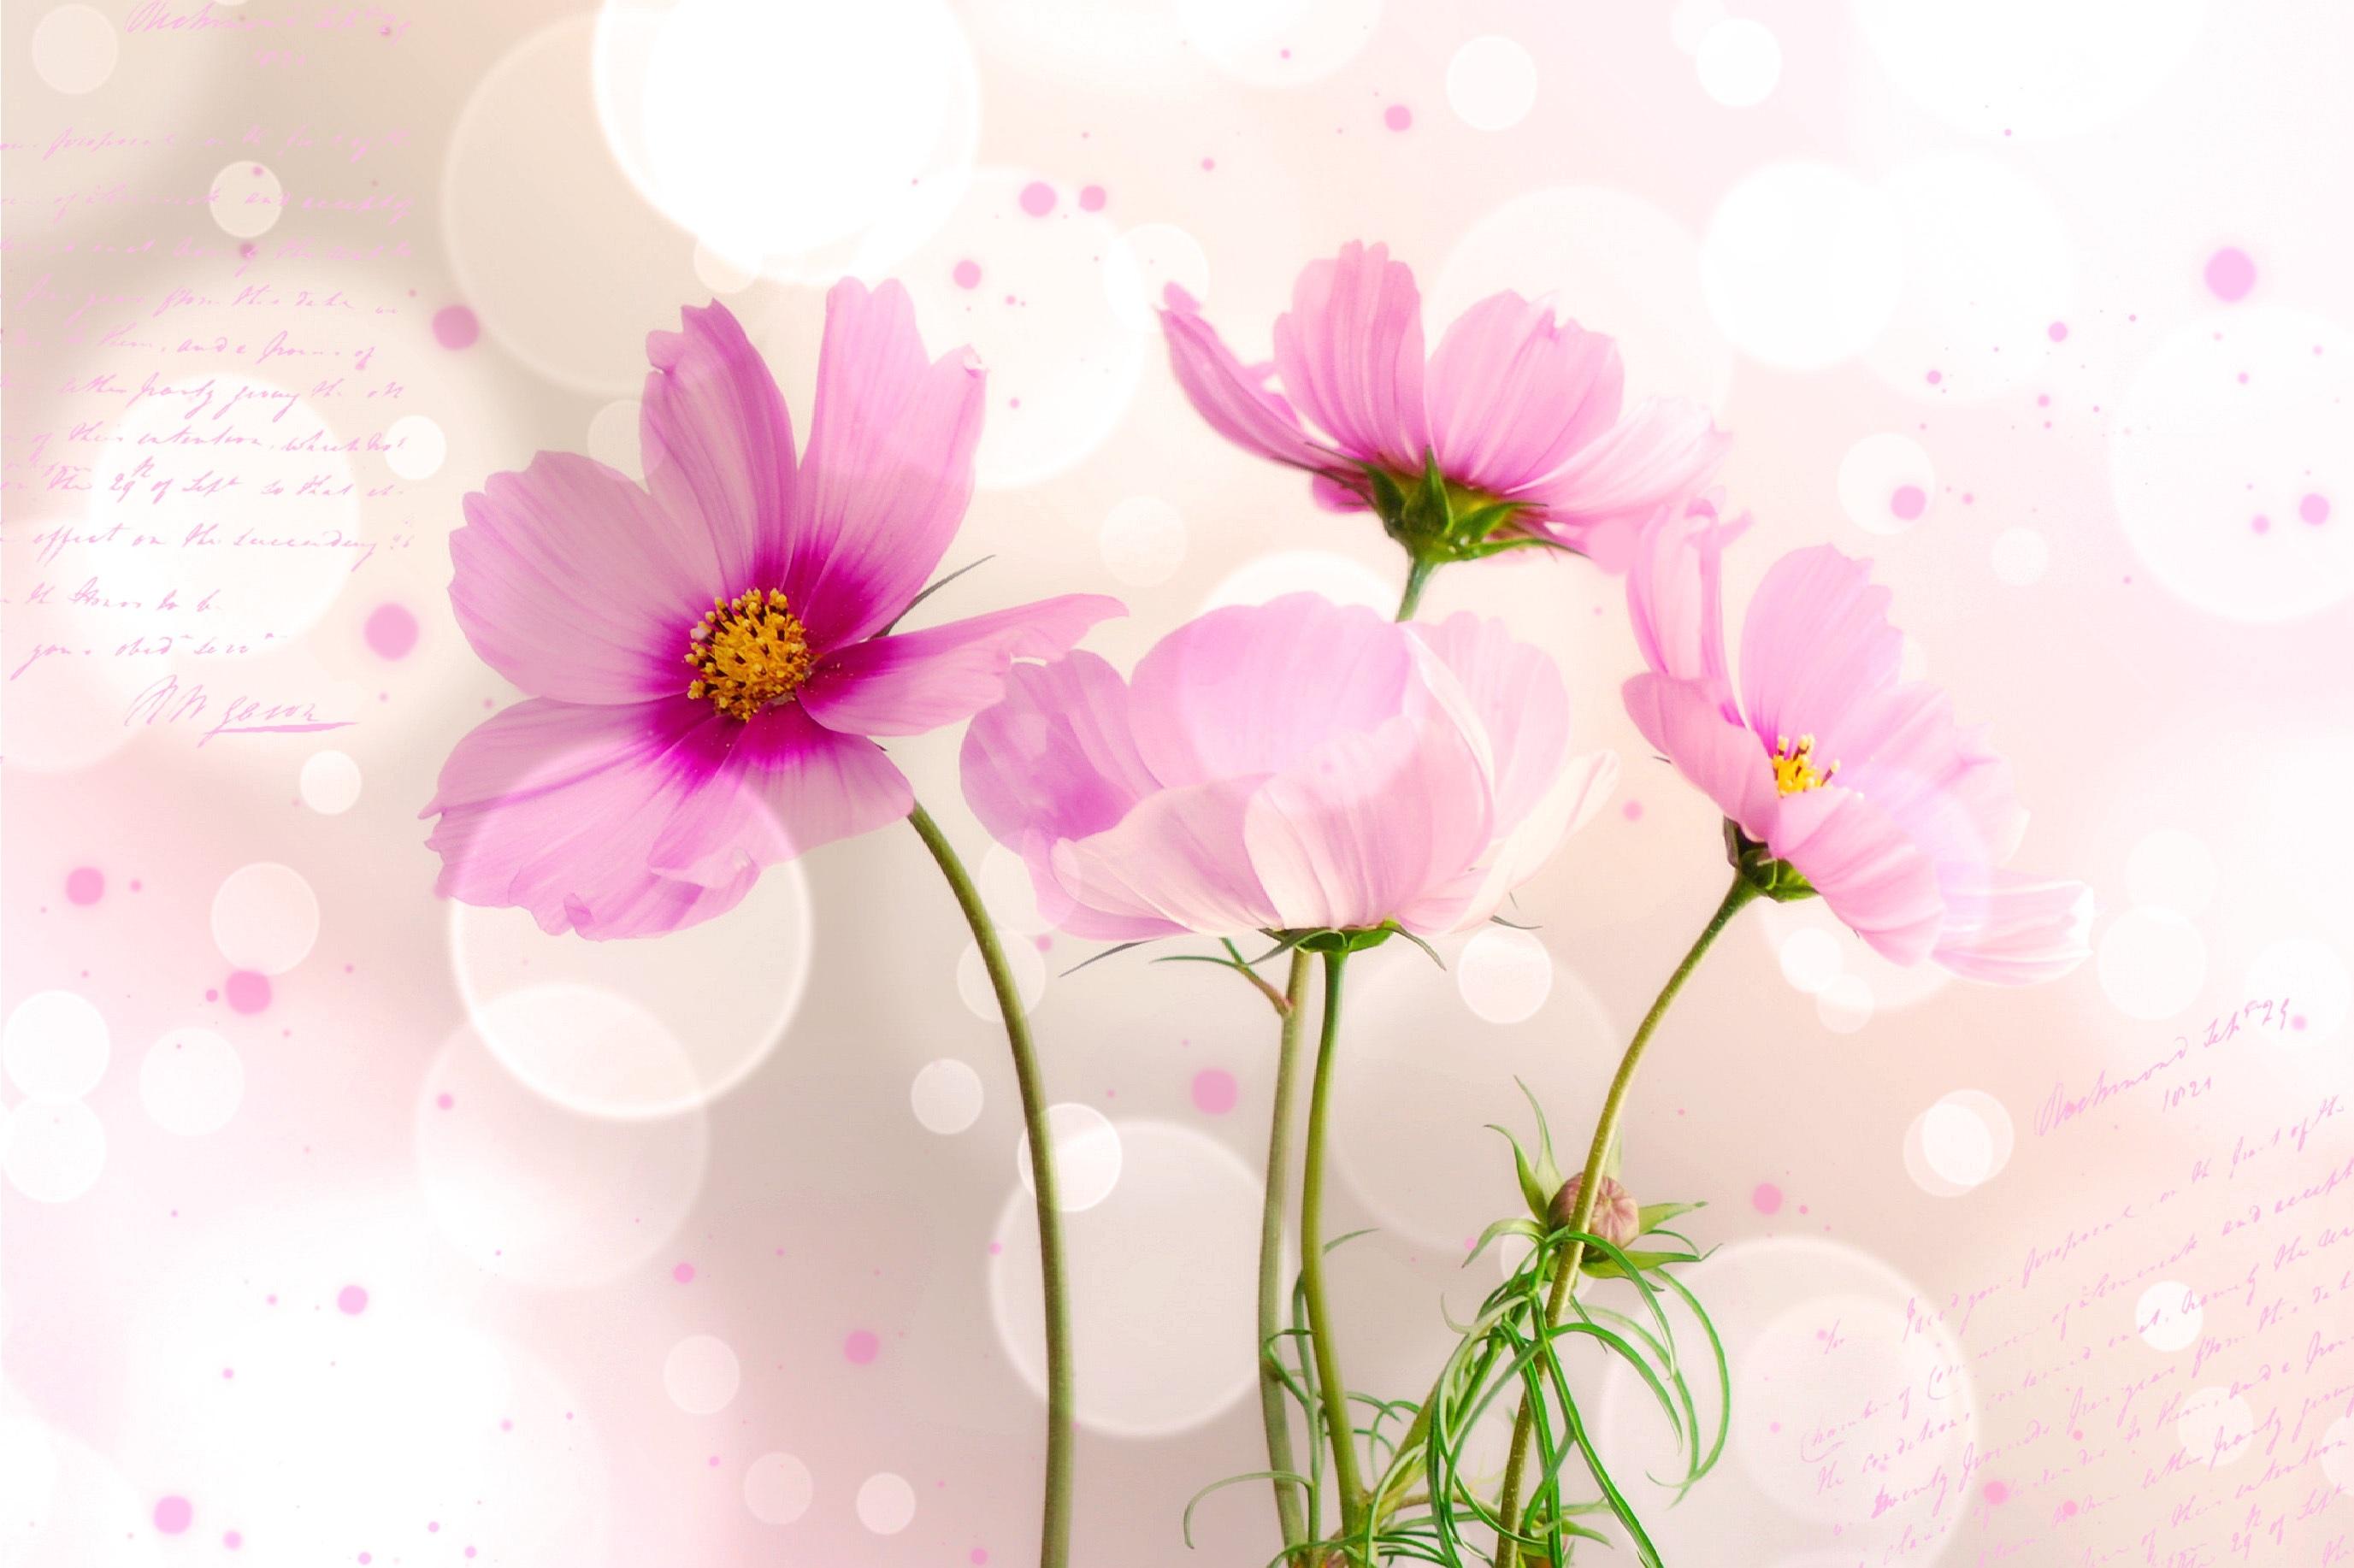 Free Images : blossom, petal, pink, flora, flowers, font, magenta ...